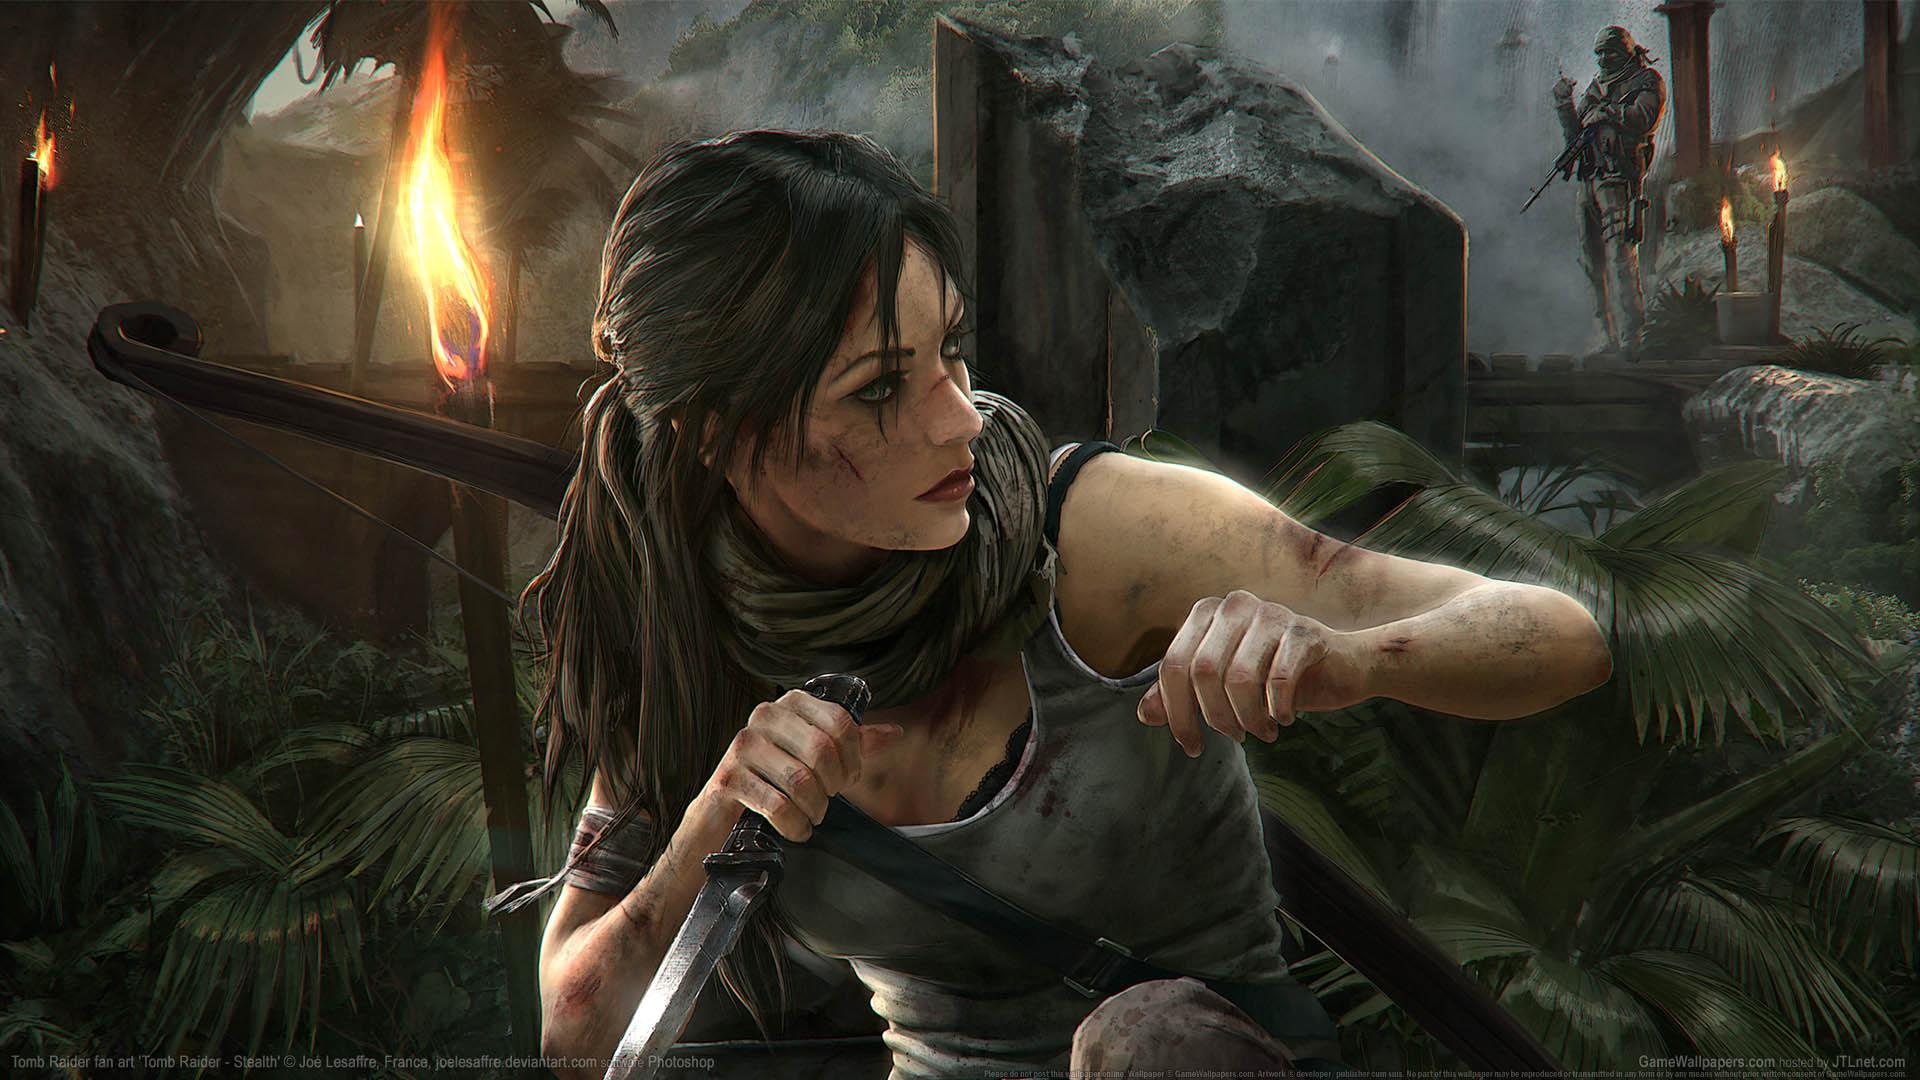 Tomb Raider fan art Hintergrundbild 09 1920x1080